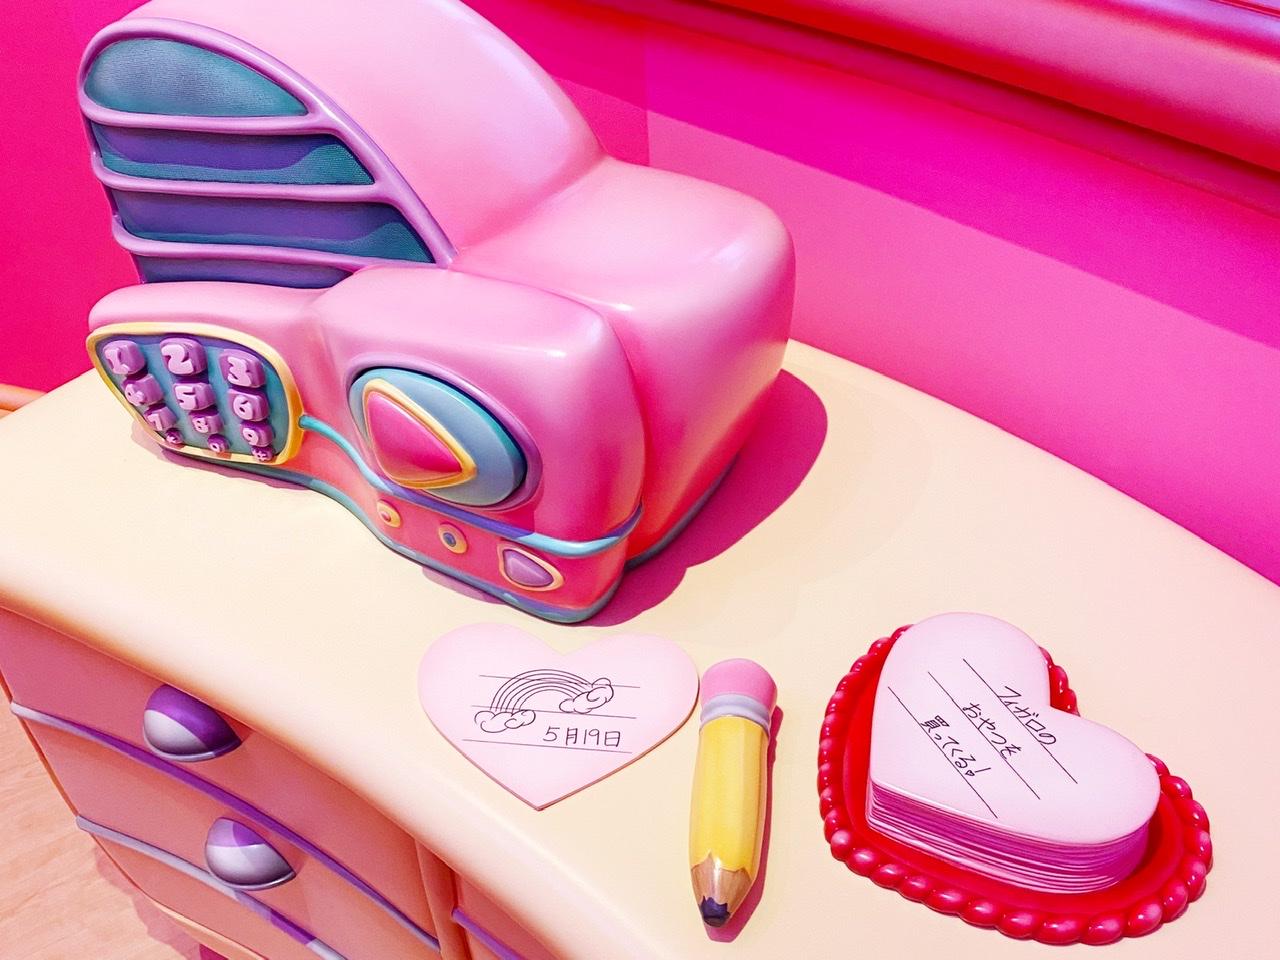 9月28日オープン!ディズニー新エリア【ミニーのスタイルスタジオ】大公開♡_6